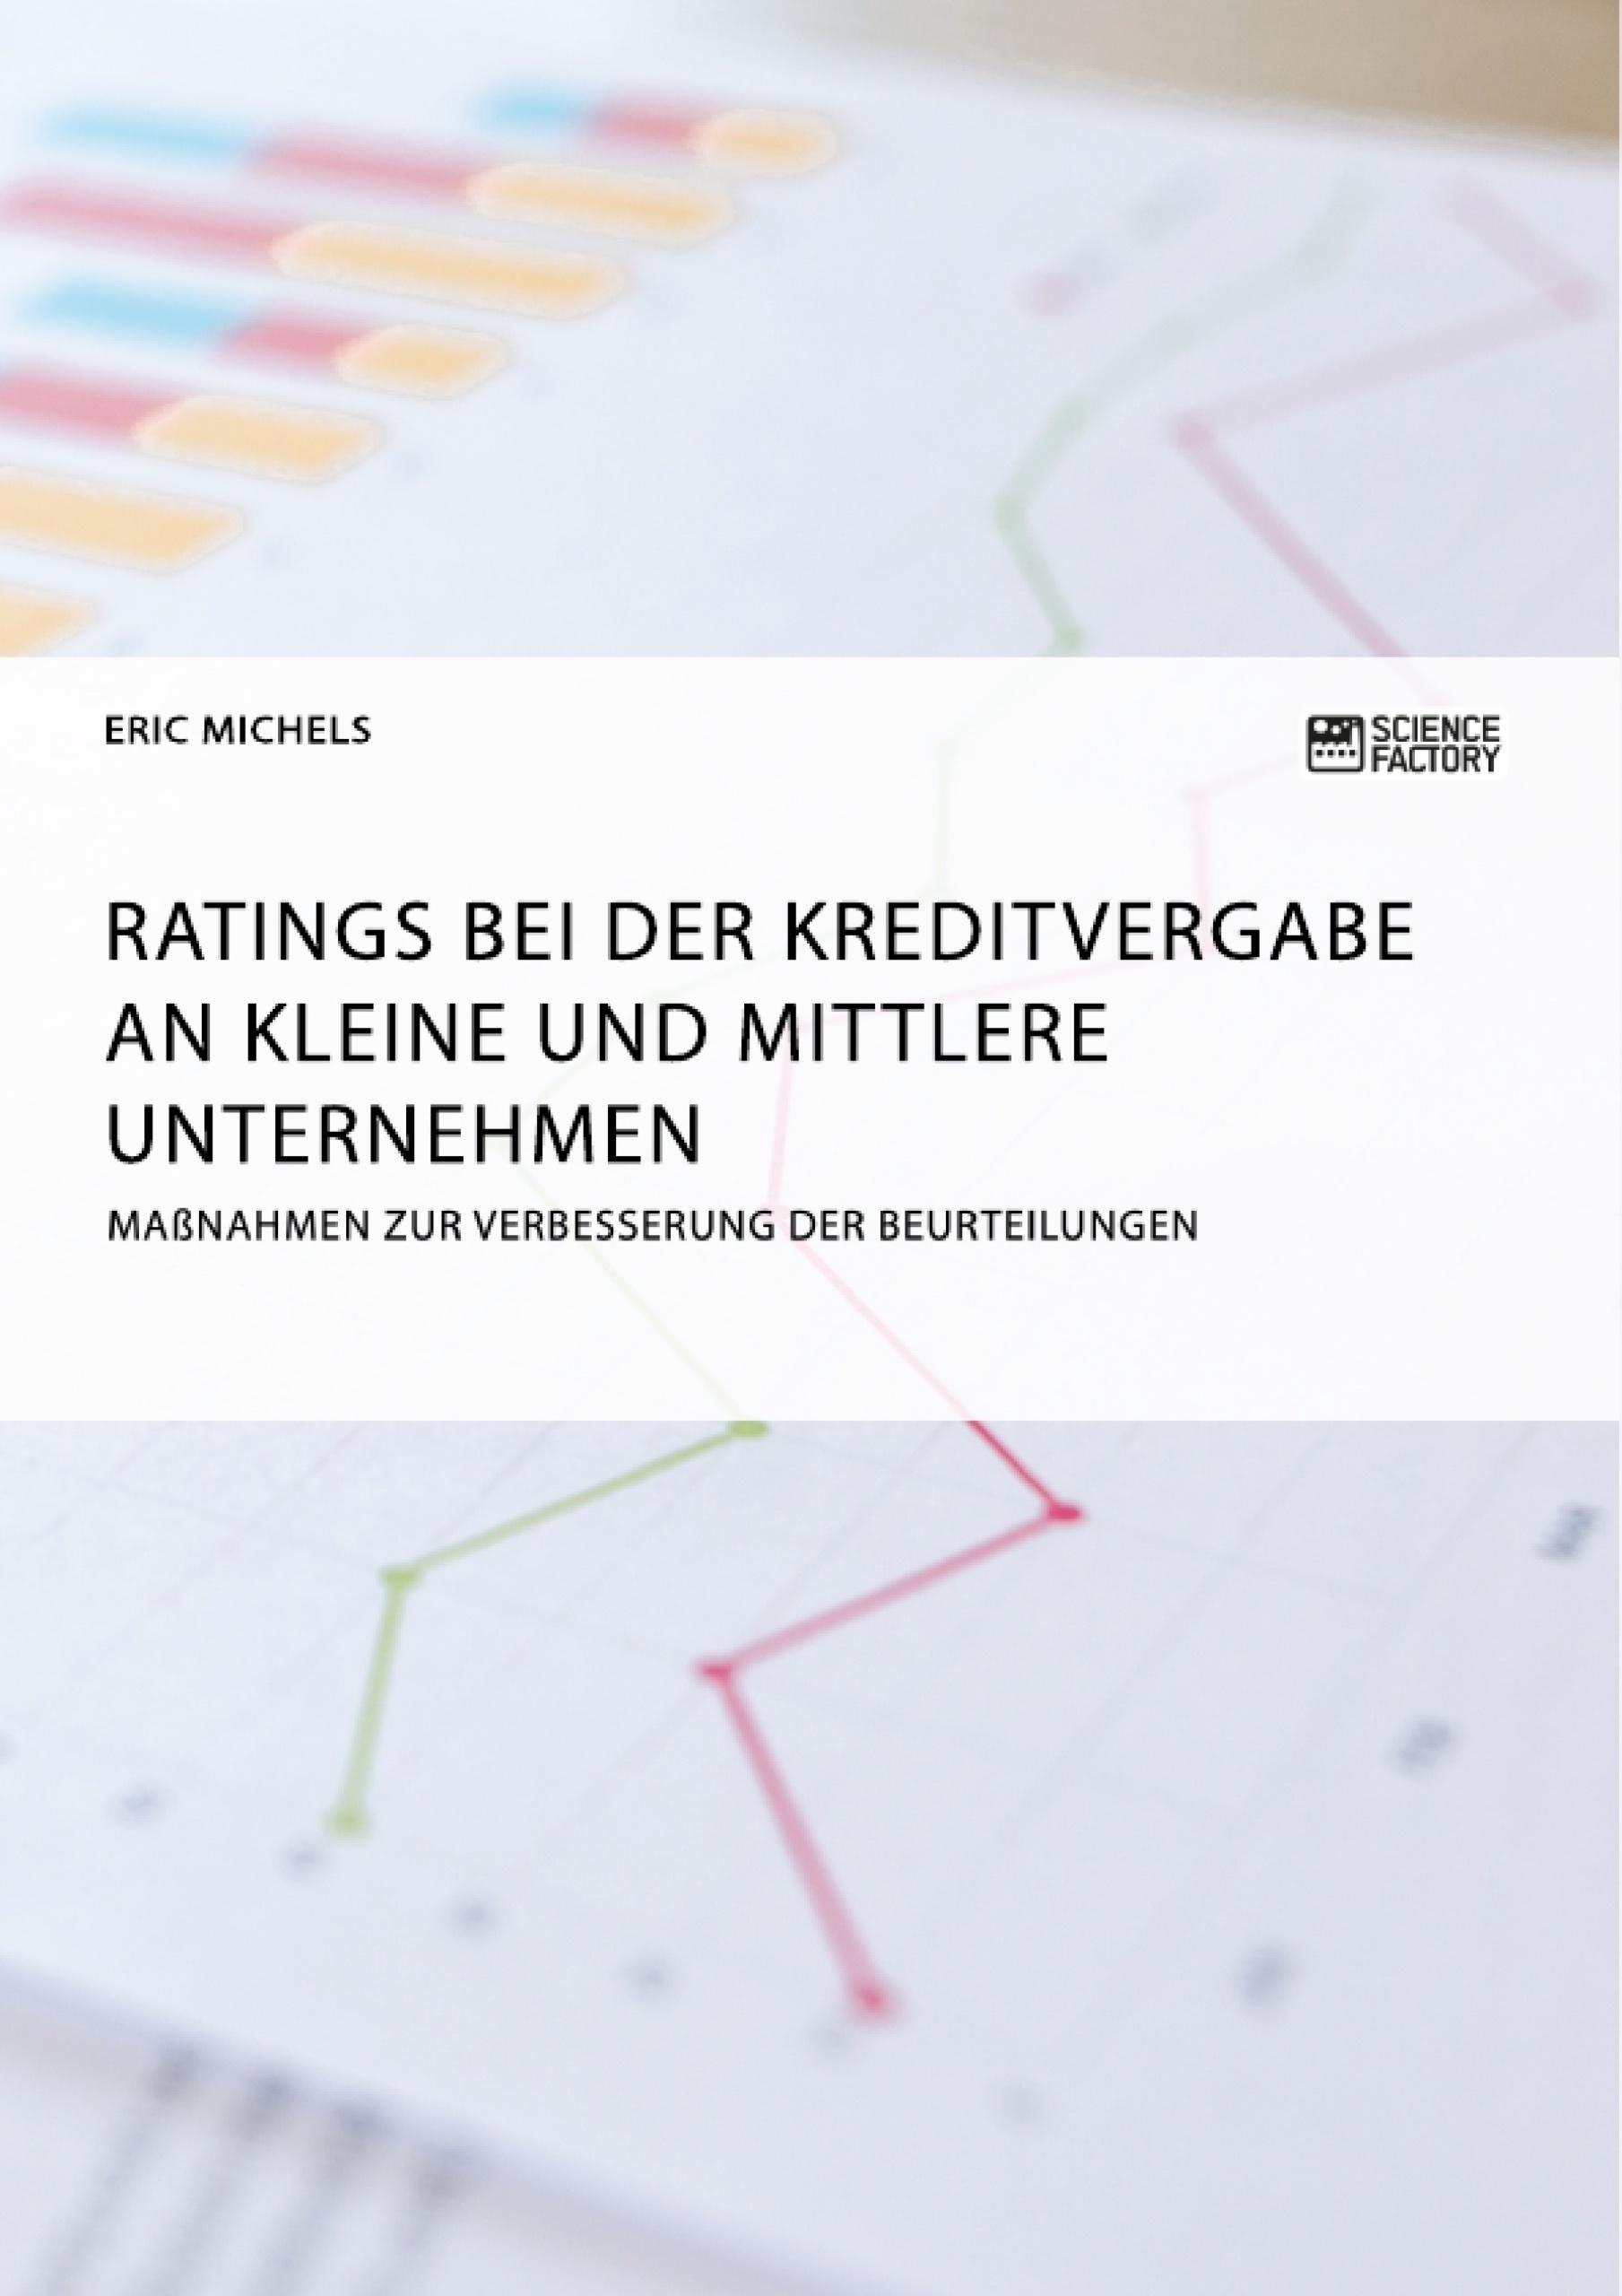 Titel: Ratings bei der Kreditvergabe an kleine und mittlere Unternehmen. Maßnahmen zur Verbesserung der Beurteilungen